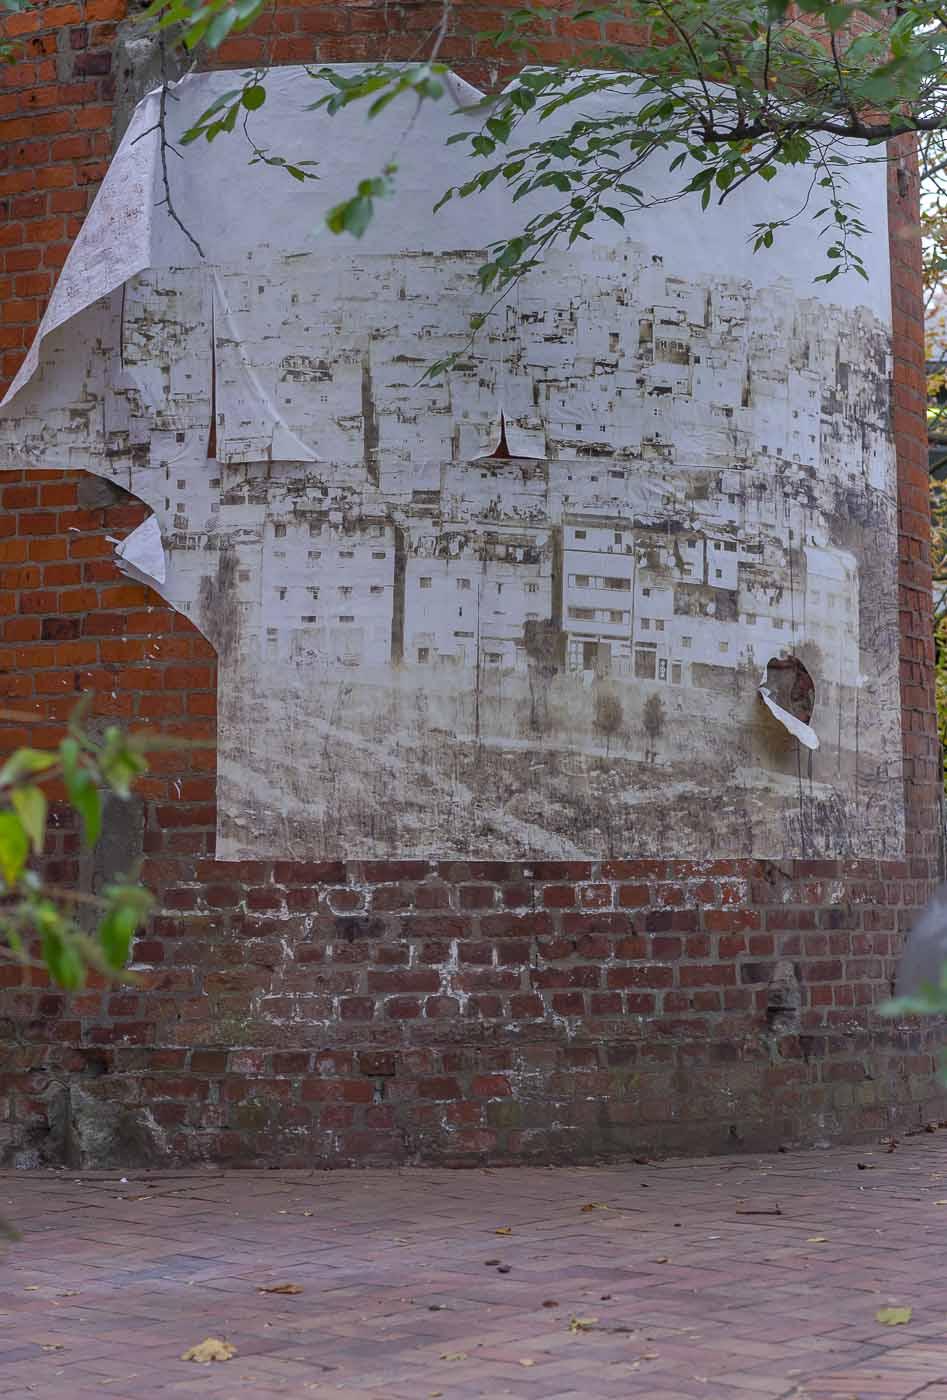 Honigfabrik in Wilhelmsburg